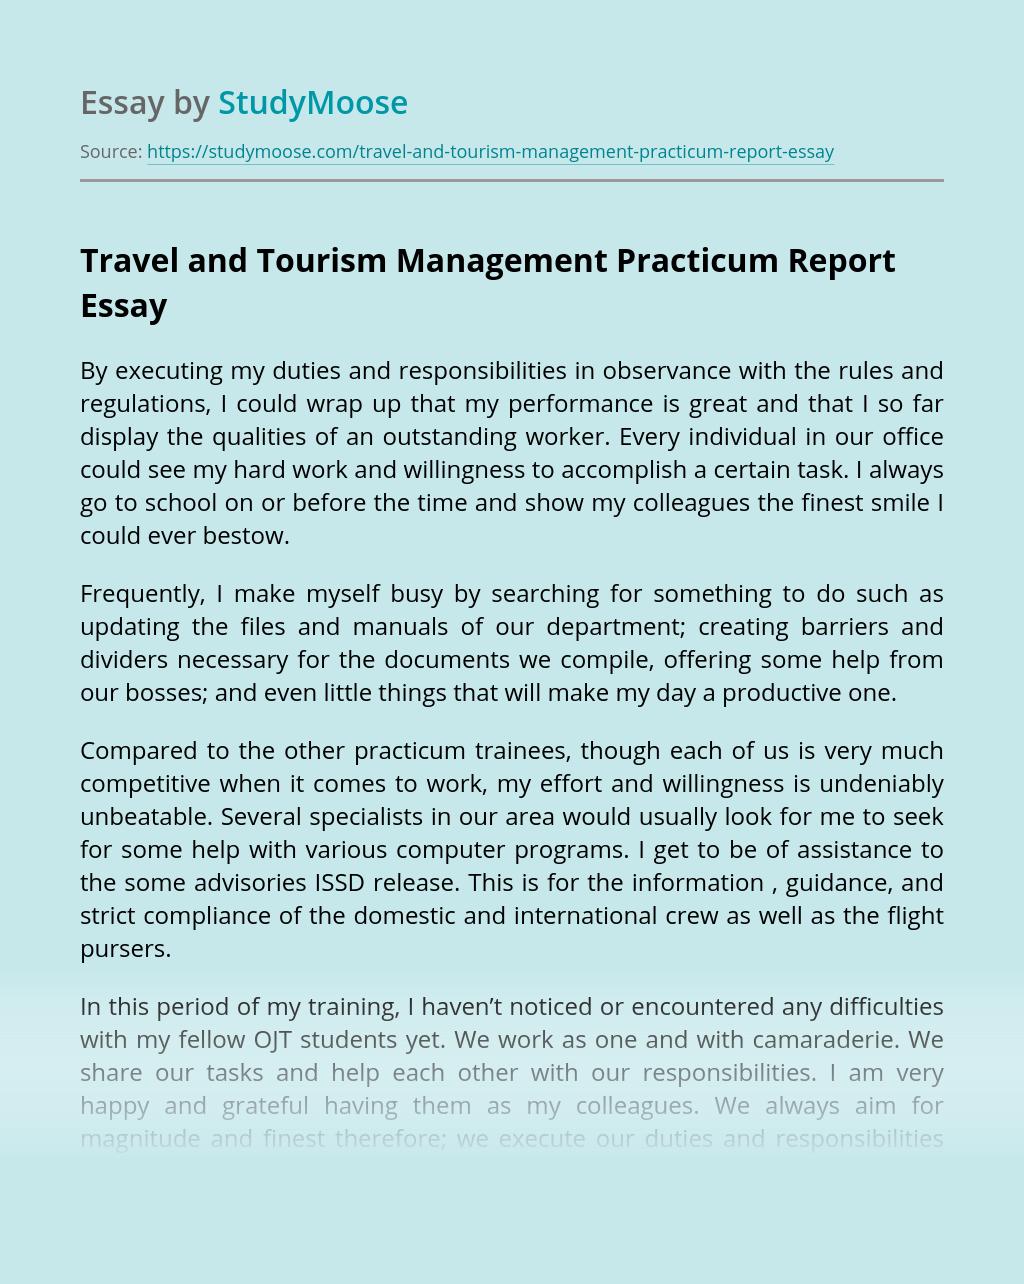 Travel and Tourism Management Practicum Report